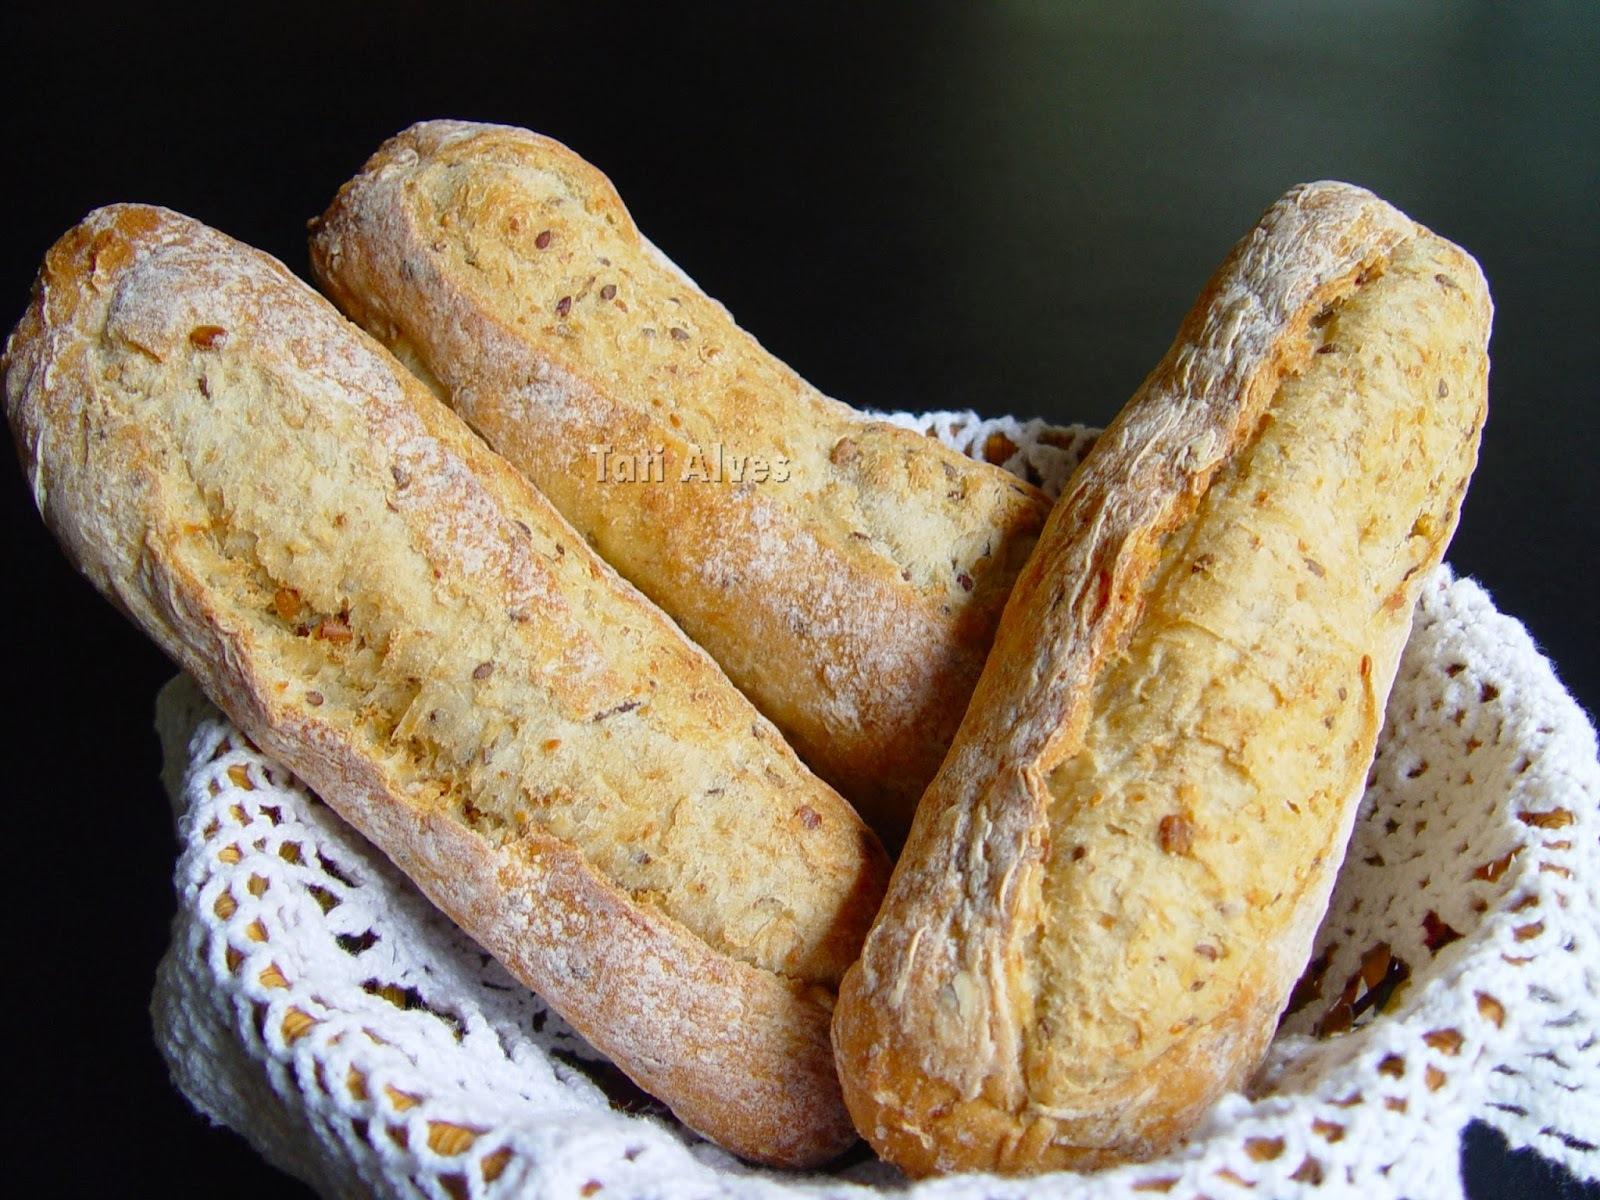 de pão caseiro com fermento quimico sem ovo